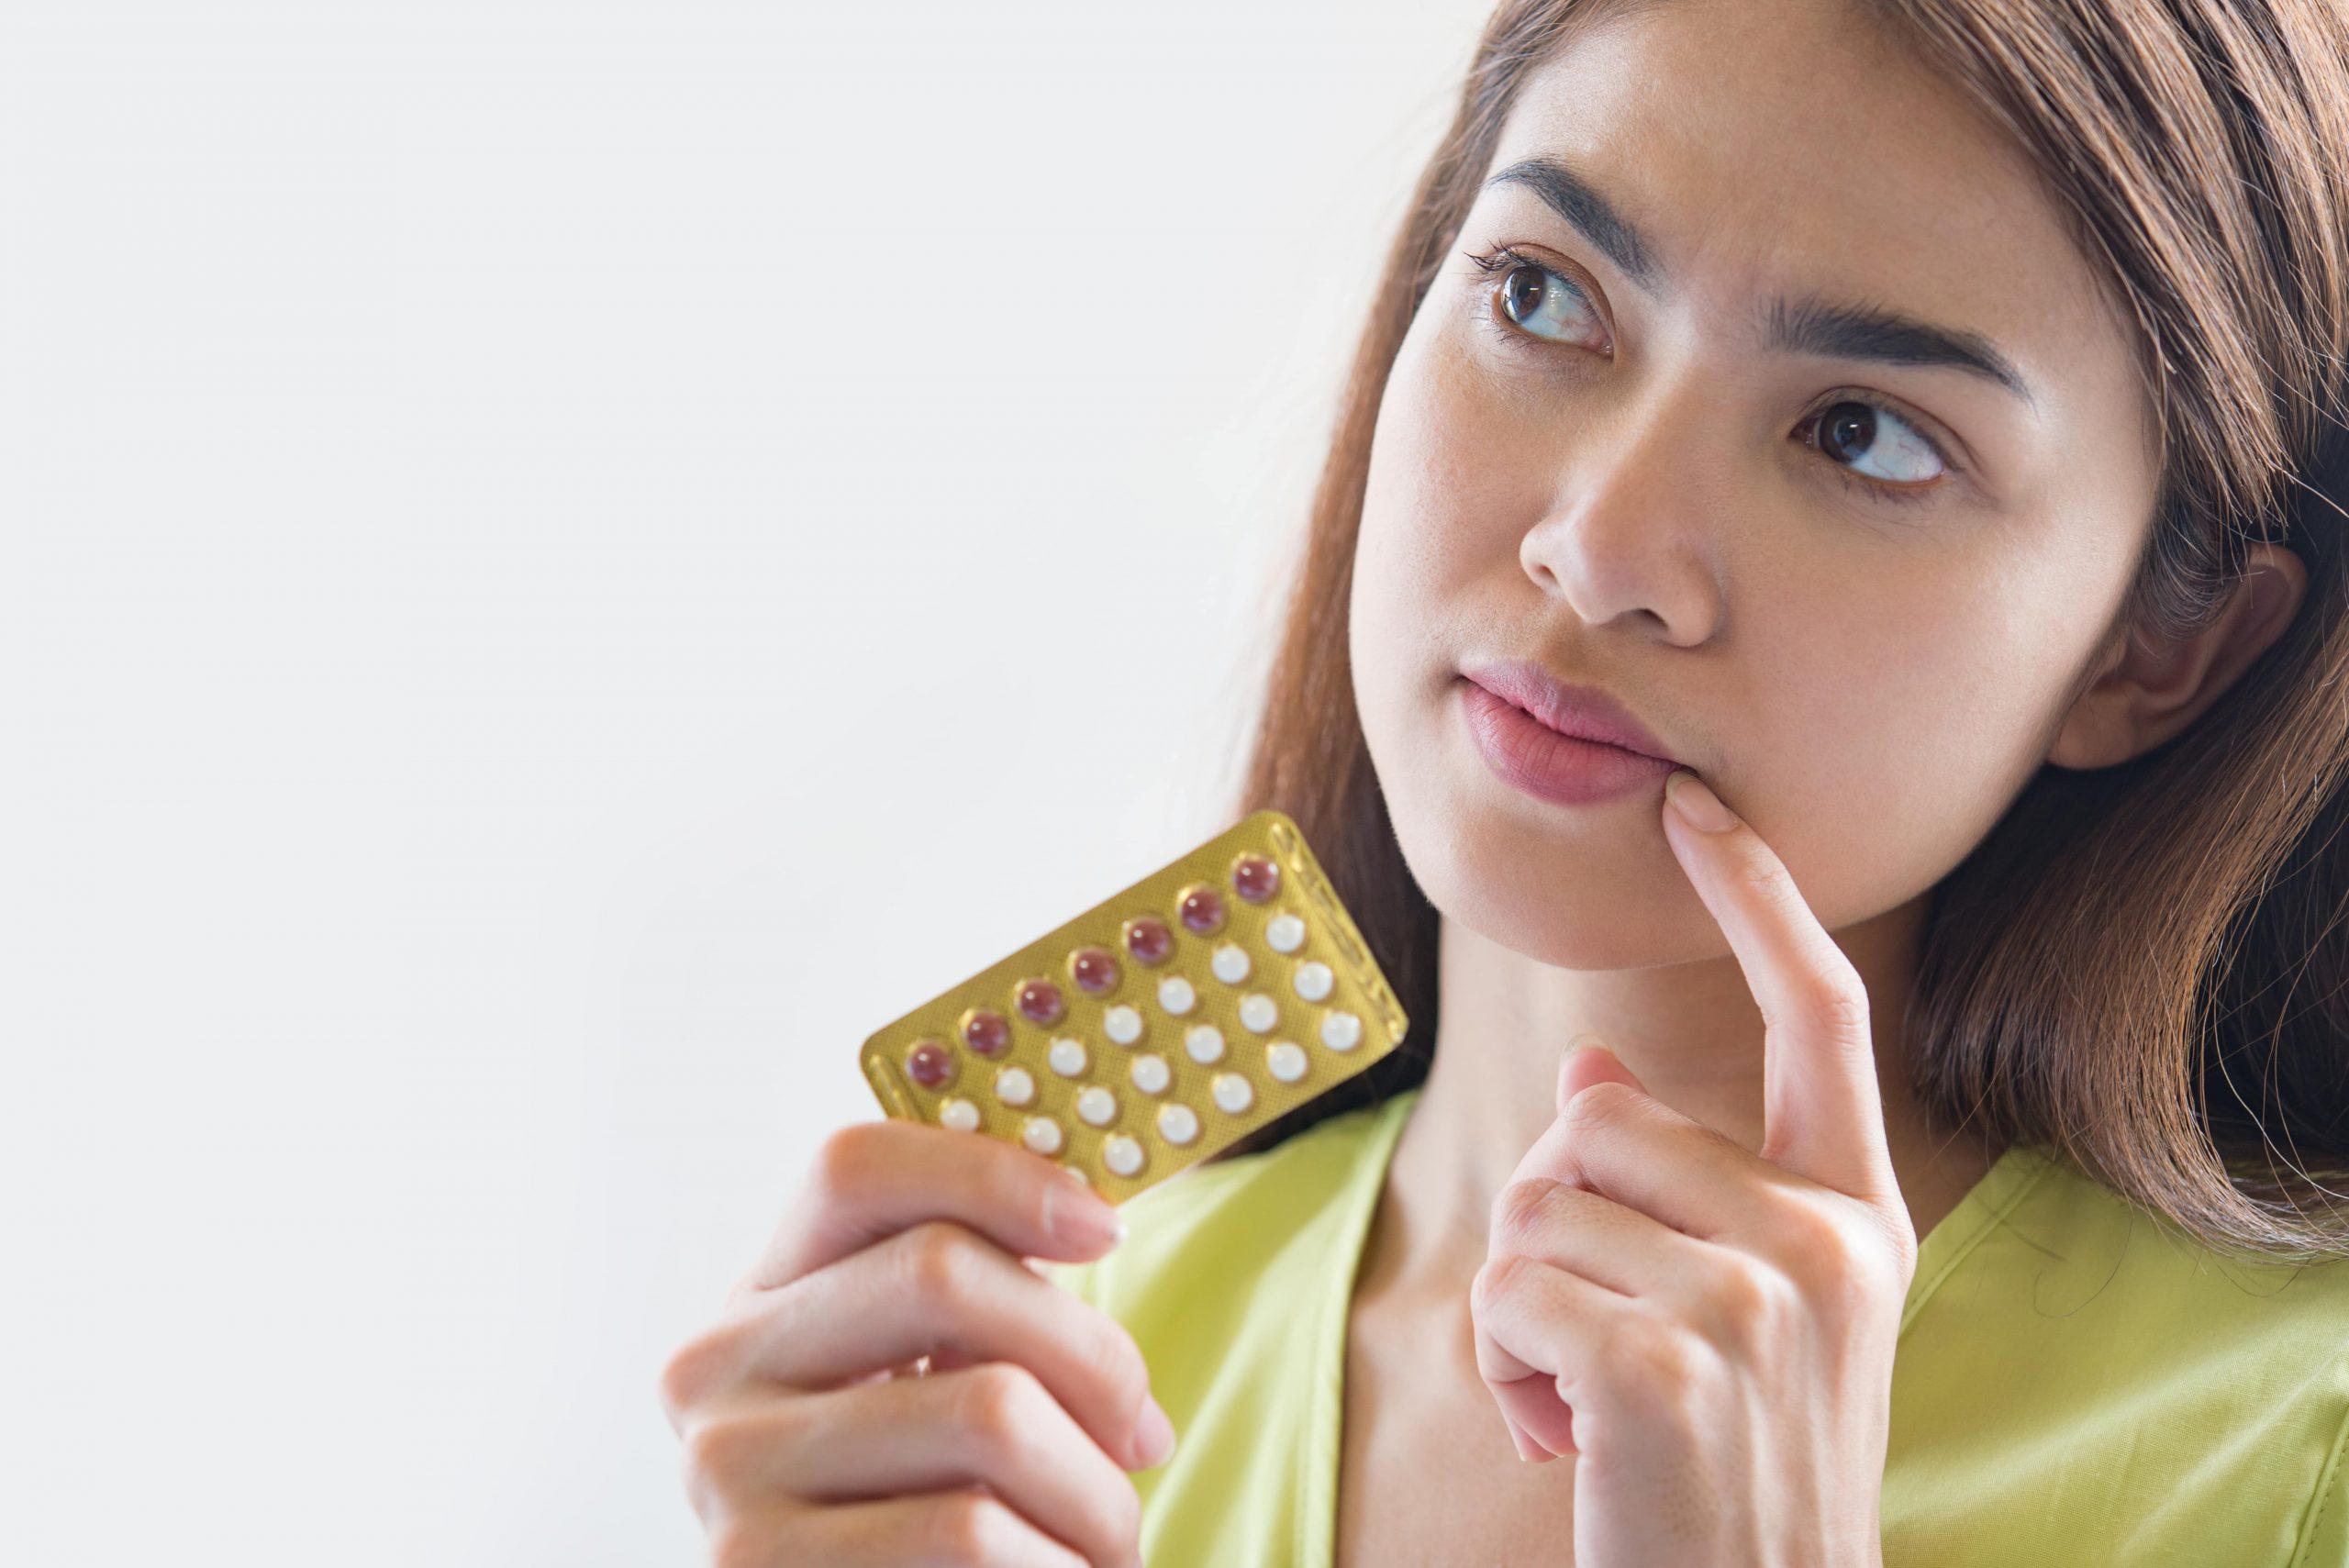 ¿Cómo elegir el mejor método anticonceptivo?